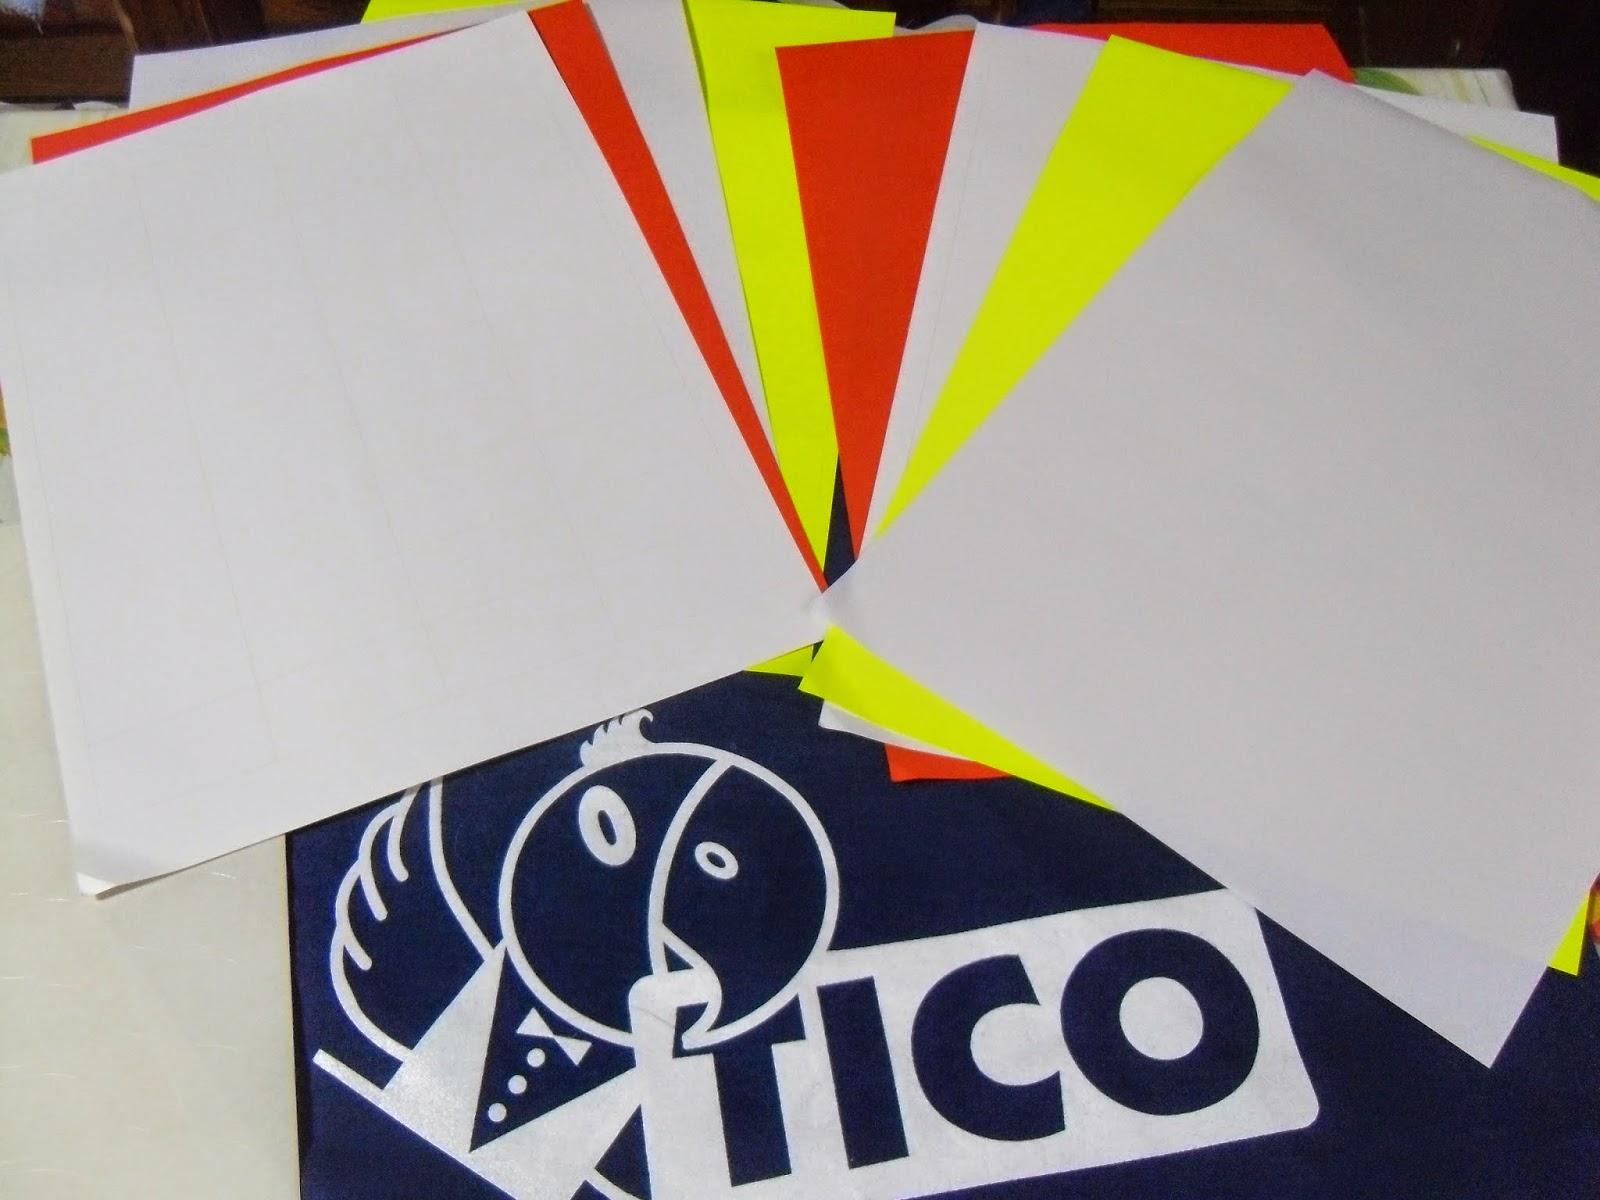 etichette tico - attacca,stacca e vinci!